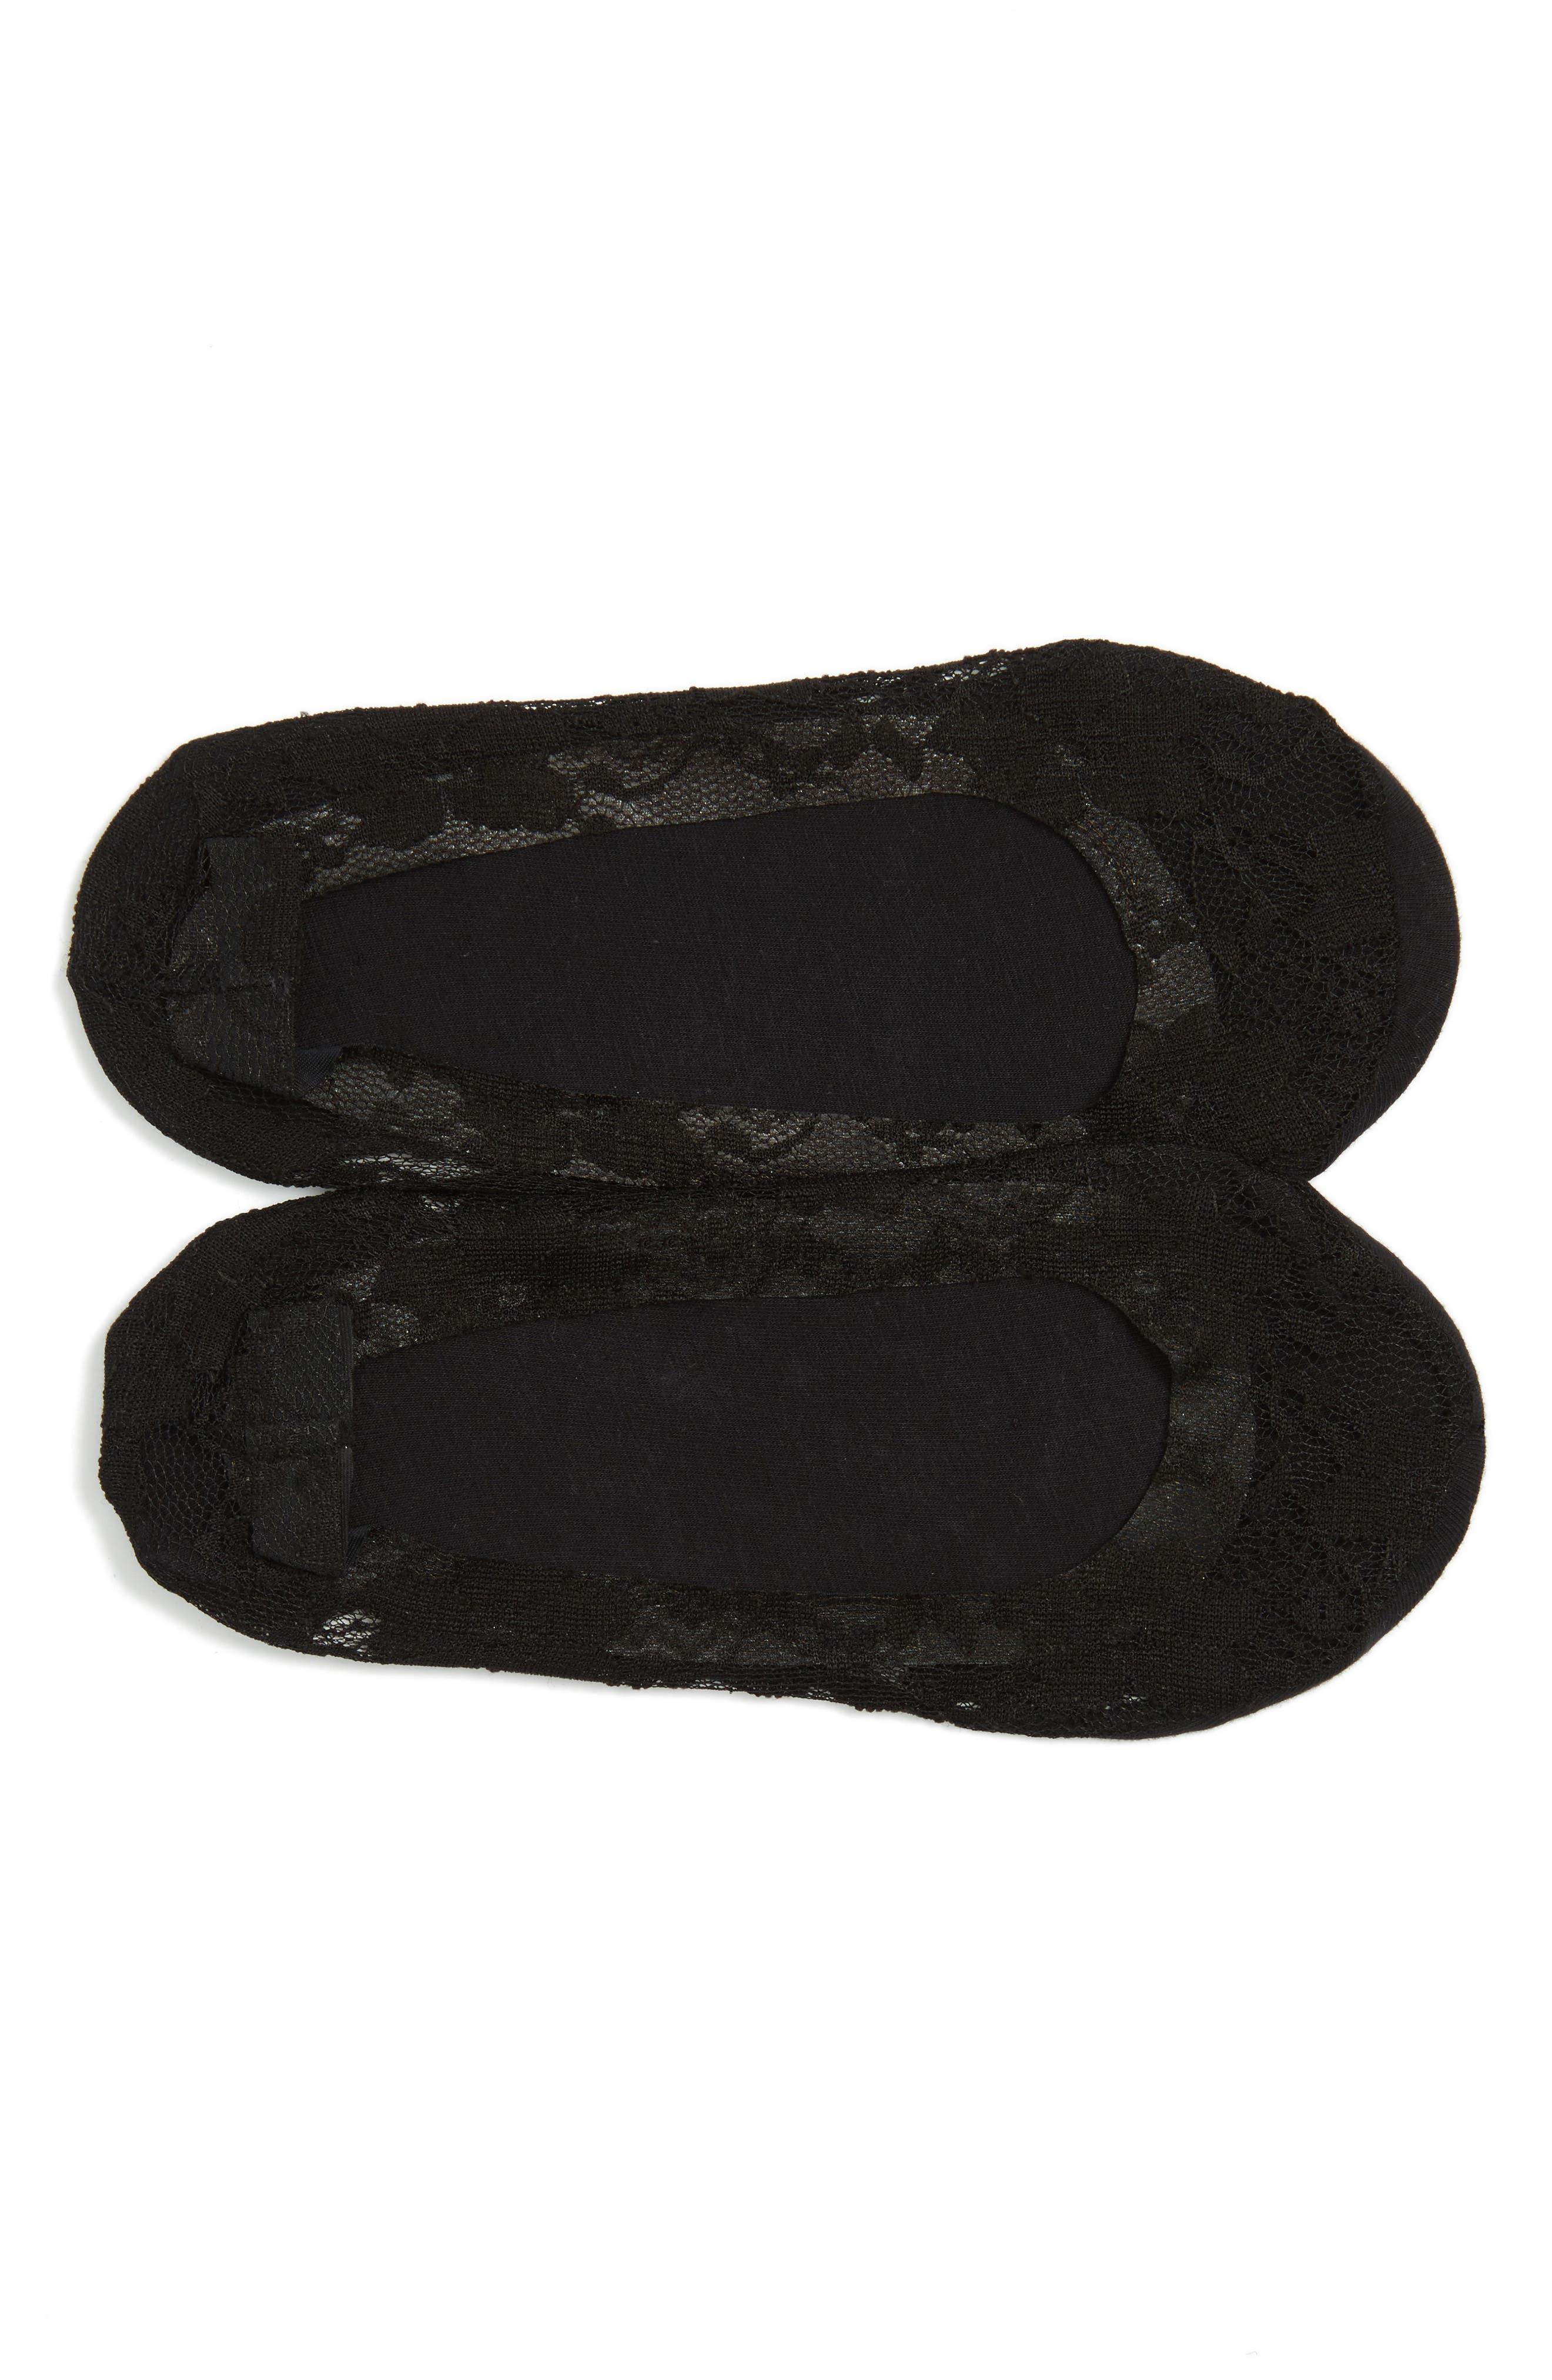 NORDSTROM 2-Pack Lace Liner Socks, Main, color, BLACK